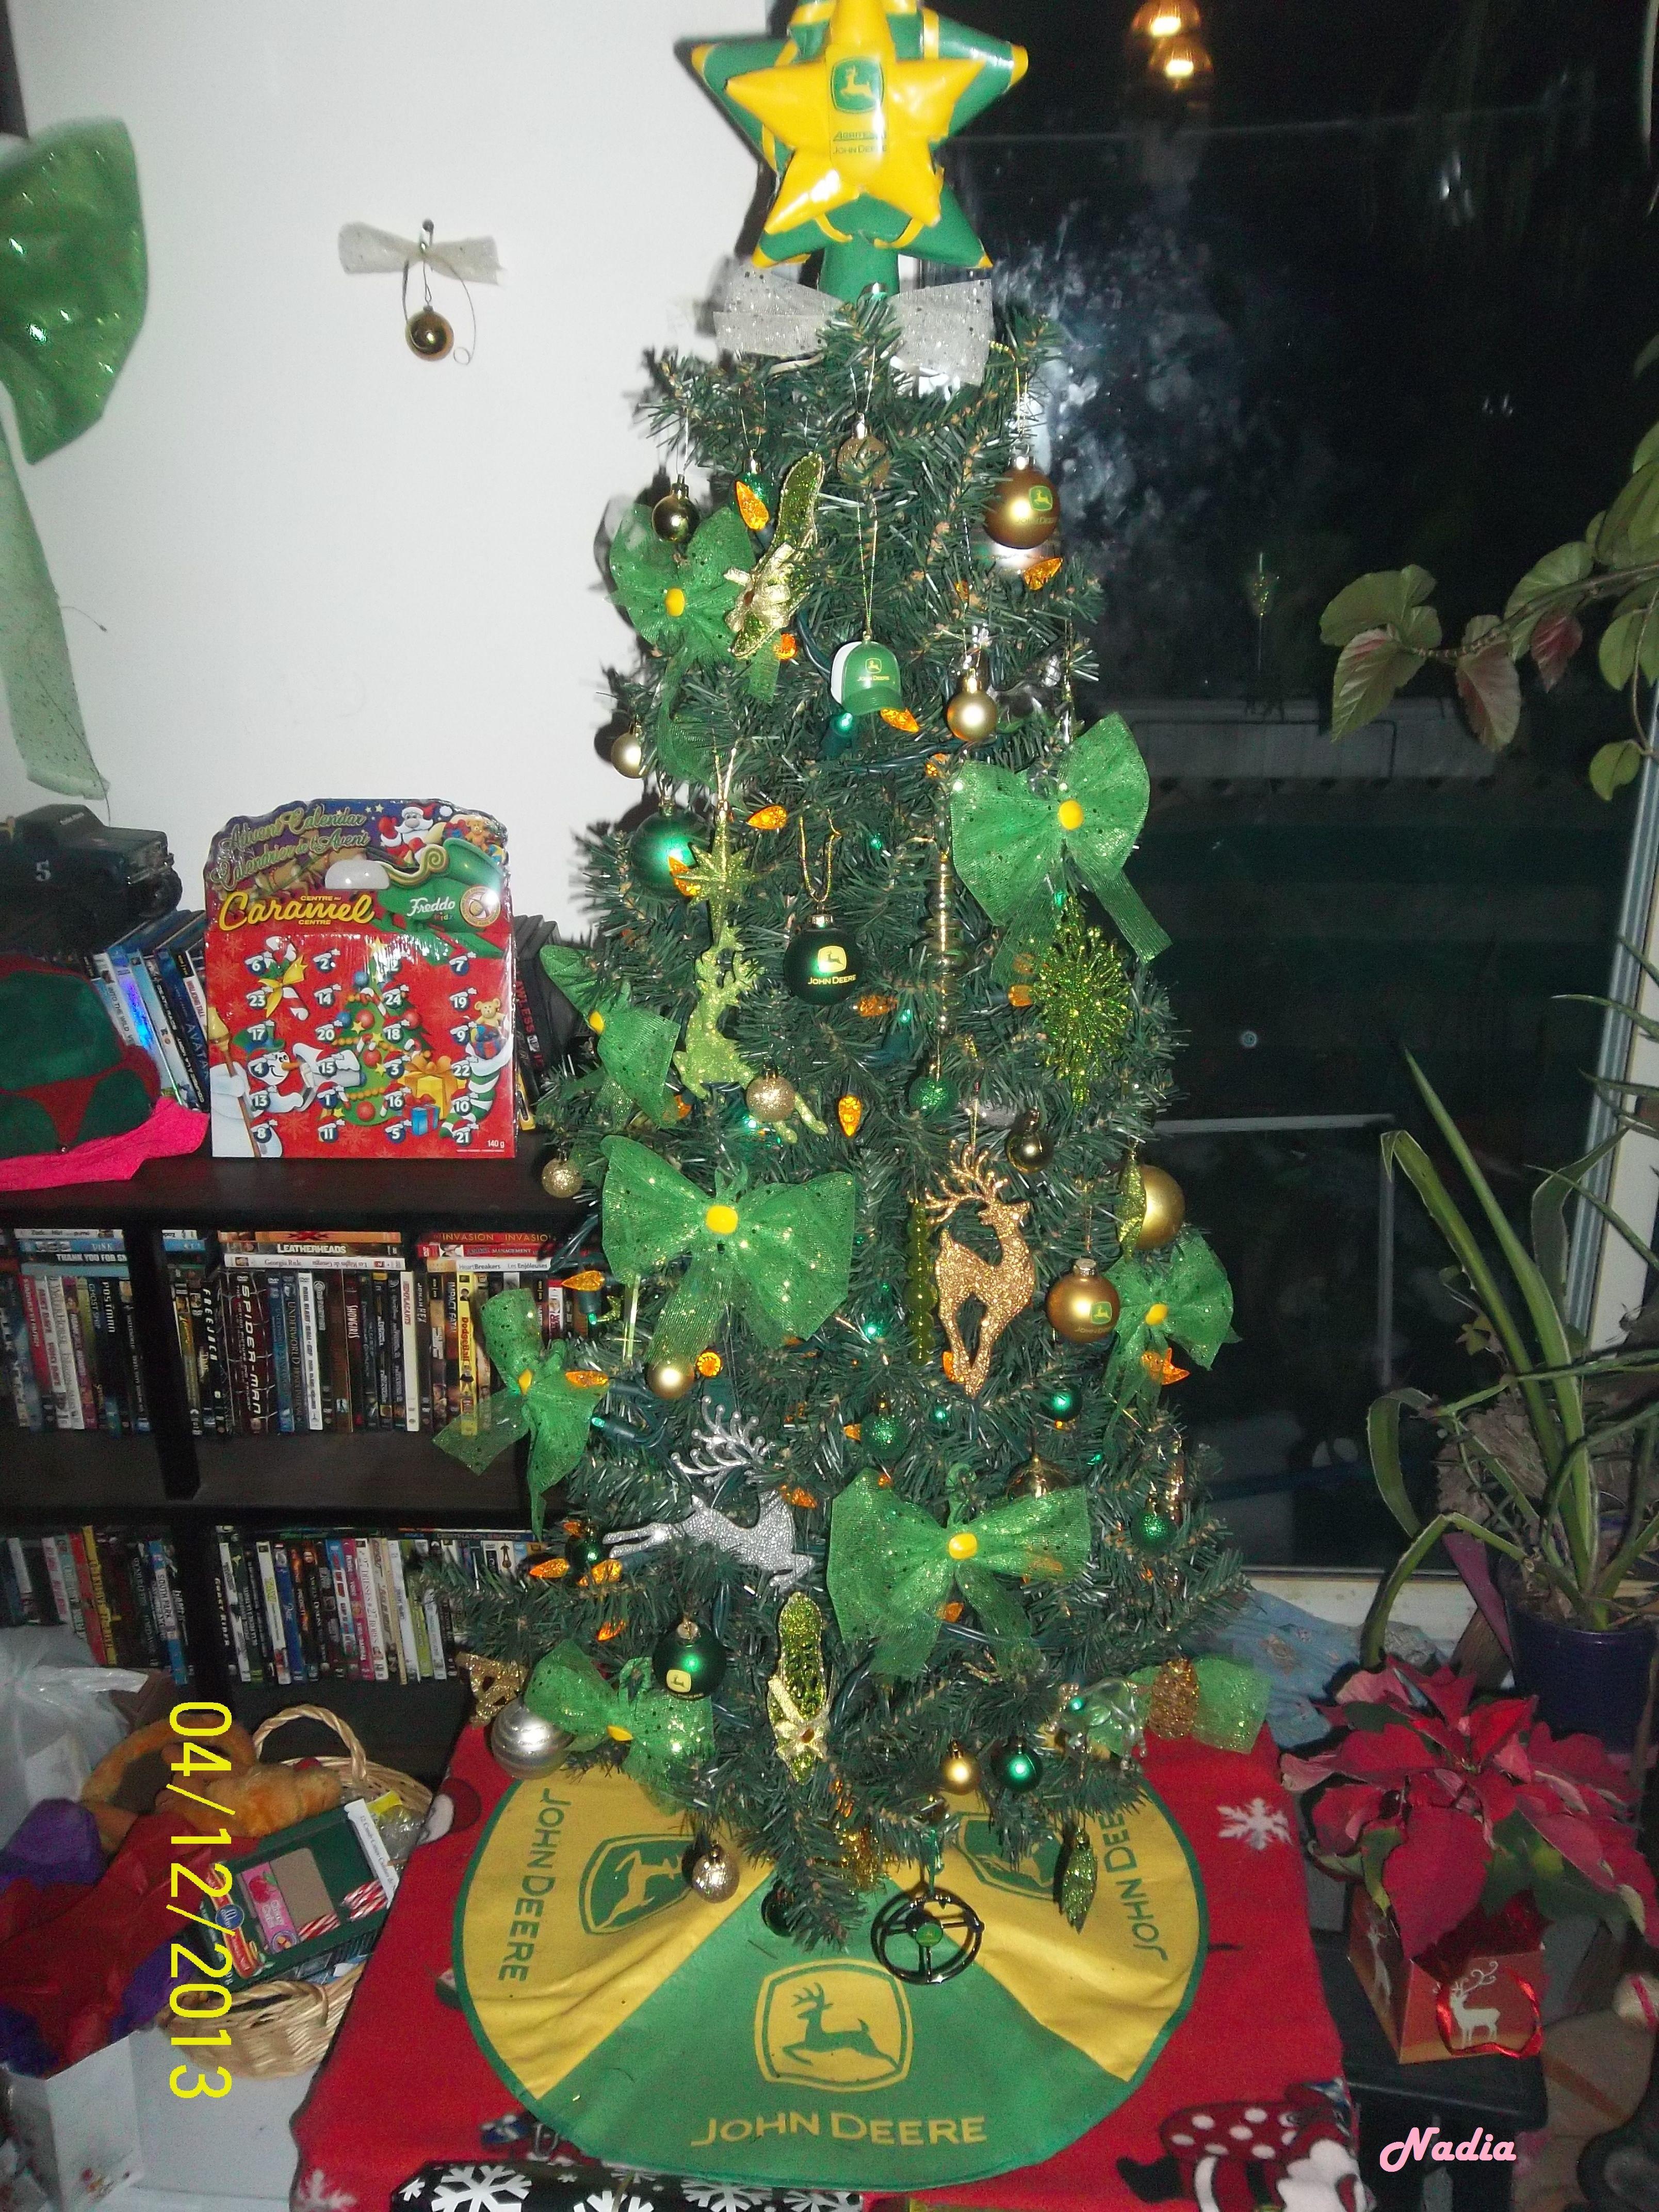 John deere christmas tree by nadia | My John Deere Christmas Tree ...